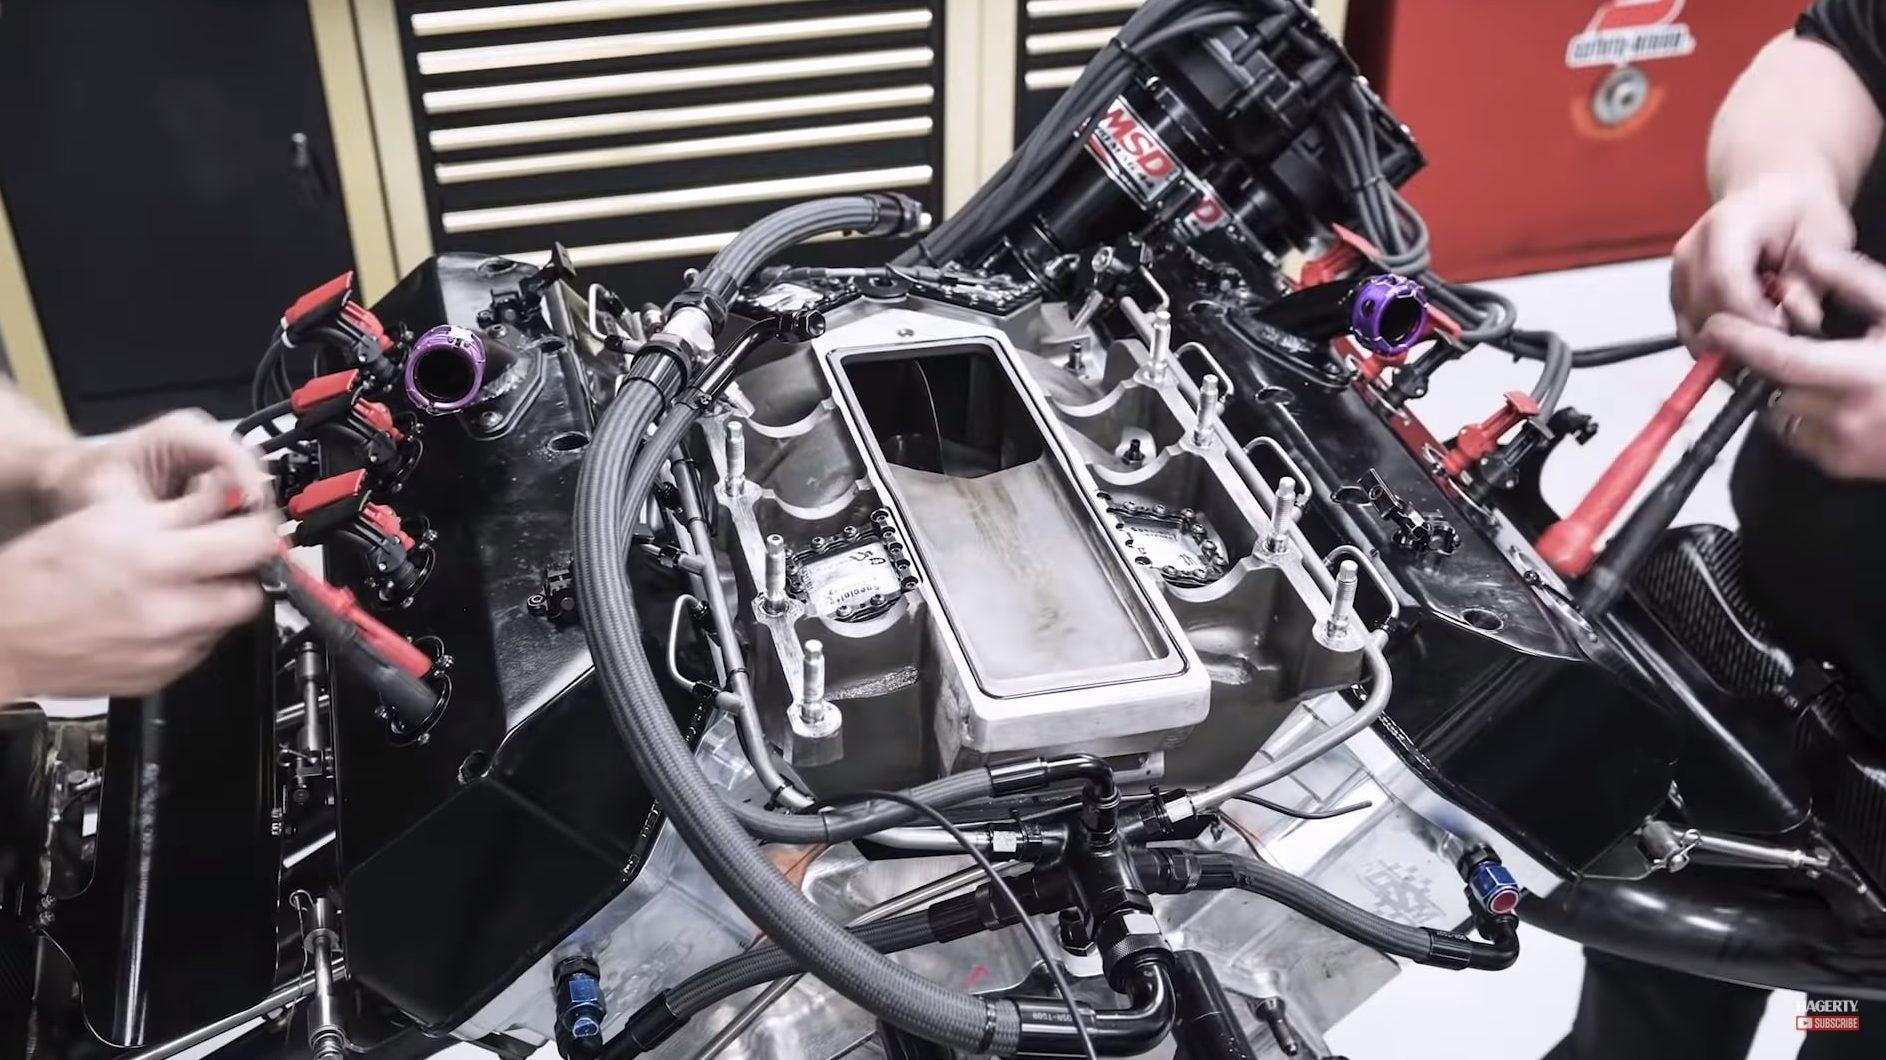 Top Fuel Motor wordt volledig uit elkaar gehaald